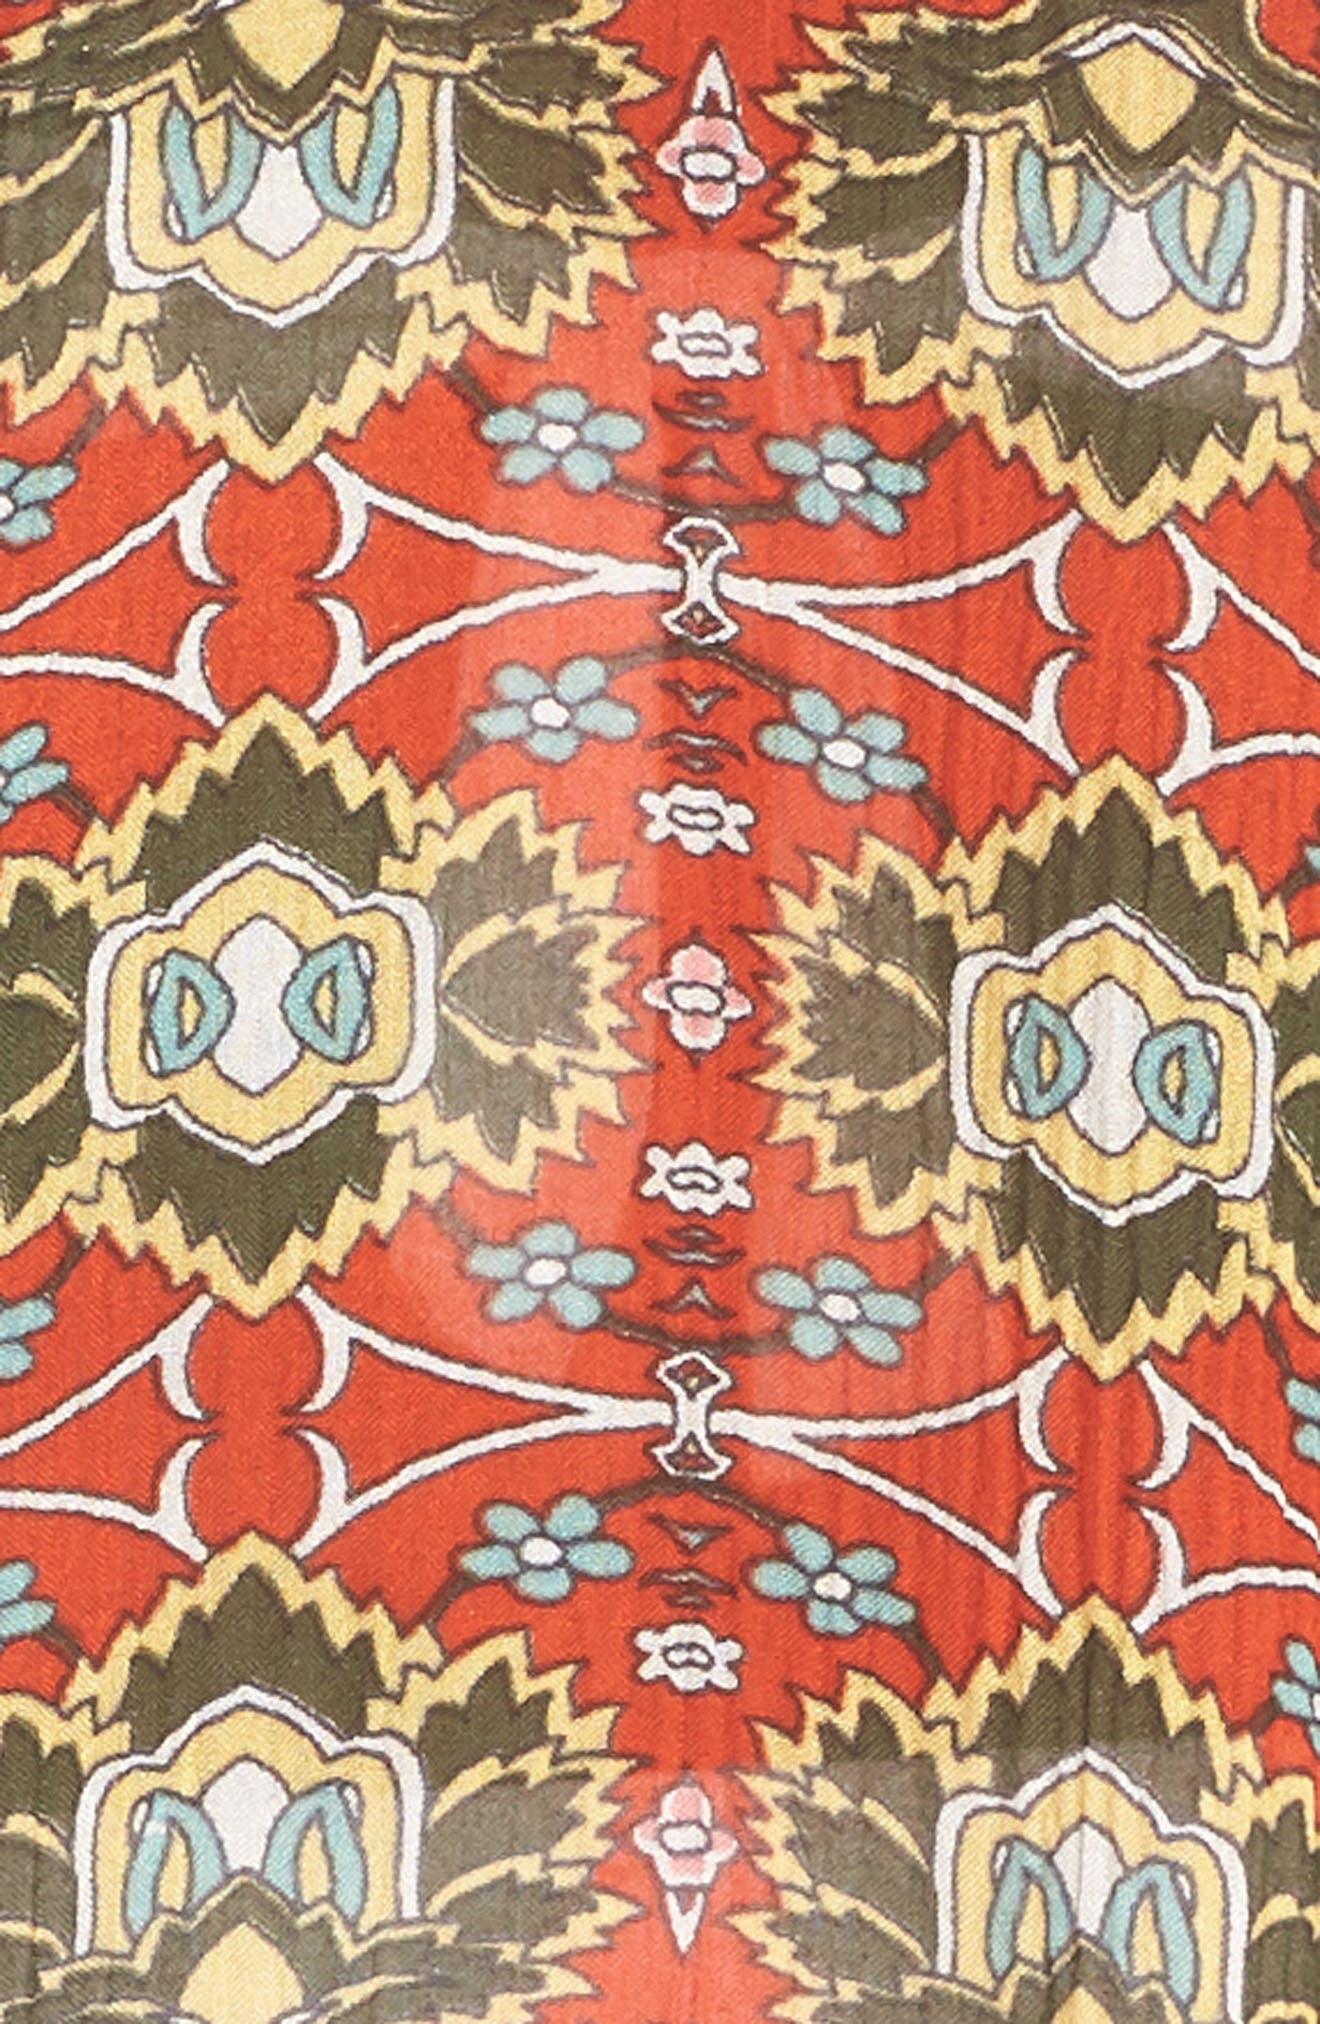 Cover-Up Kimono,                             Alternate thumbnail 5, color,